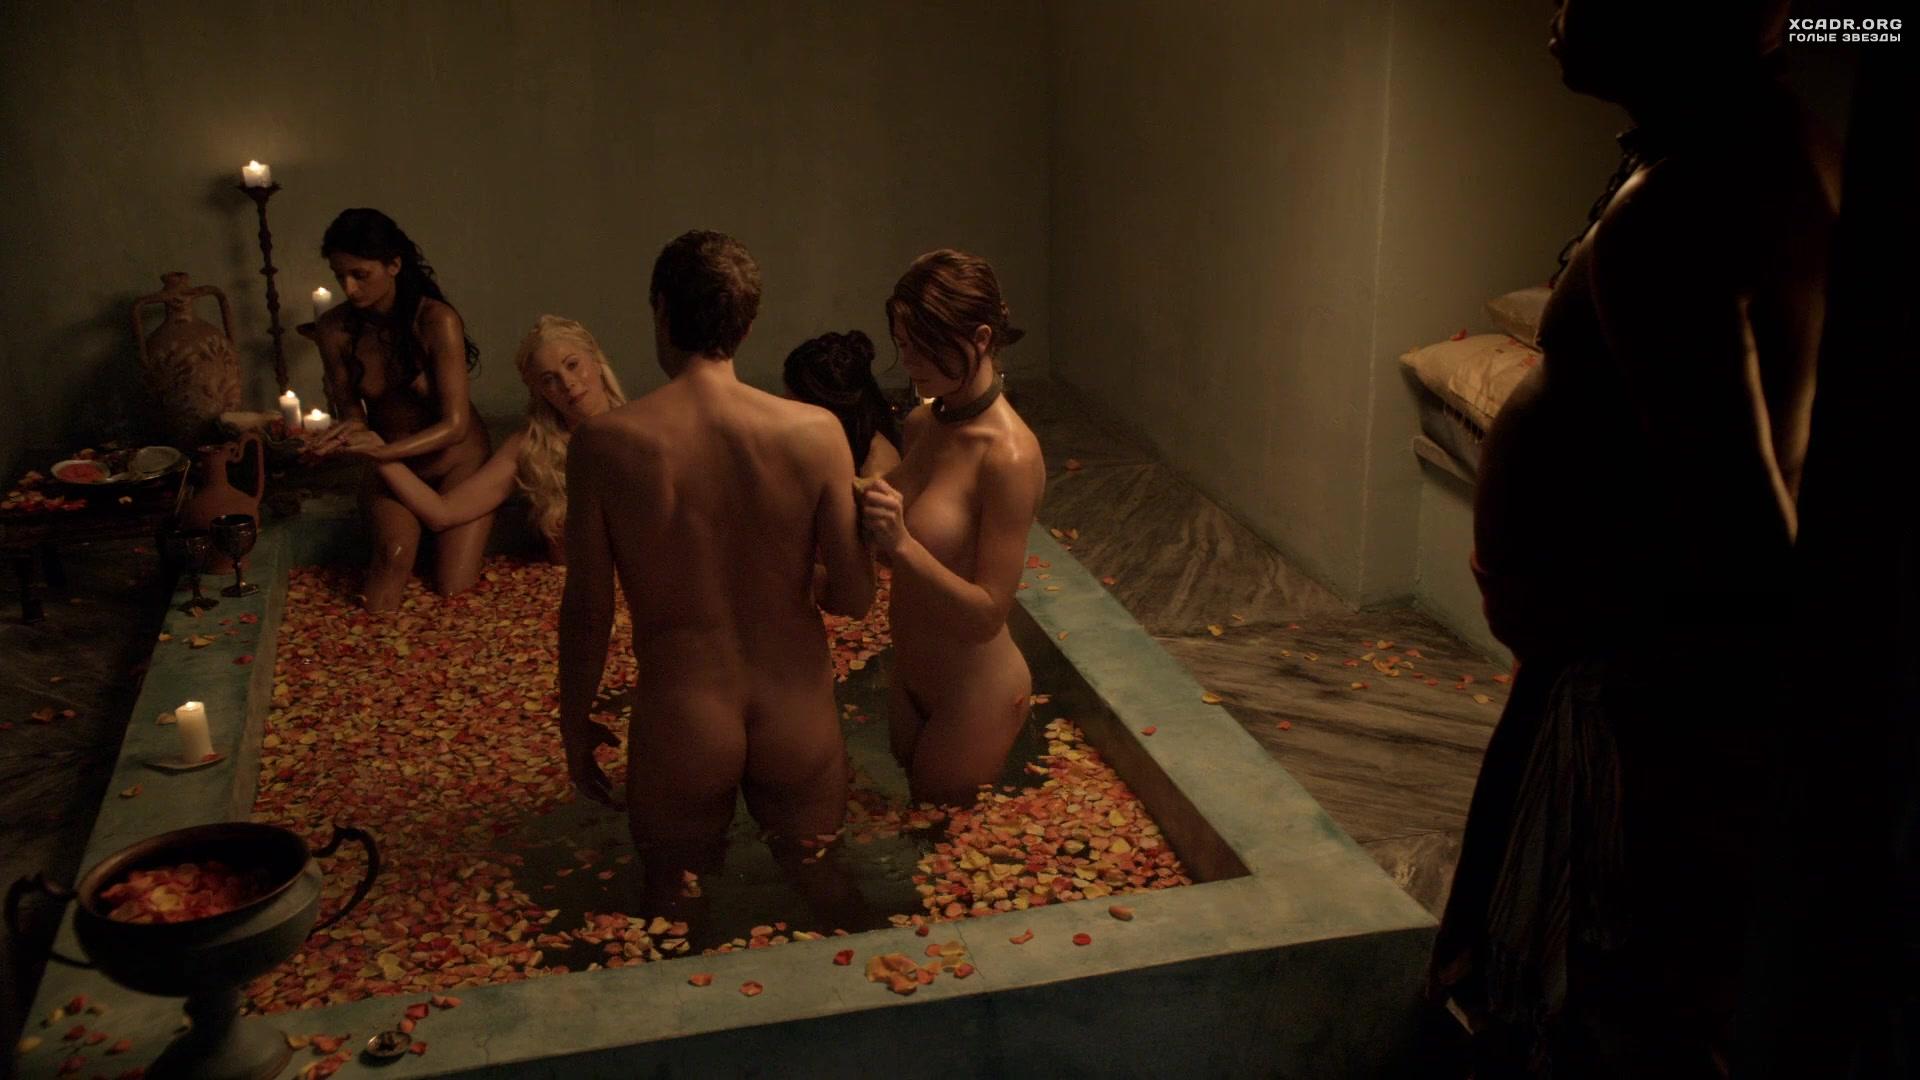 devok-zhestko-film-sprut-eroticheskie-stseni-erotika-videoroliki